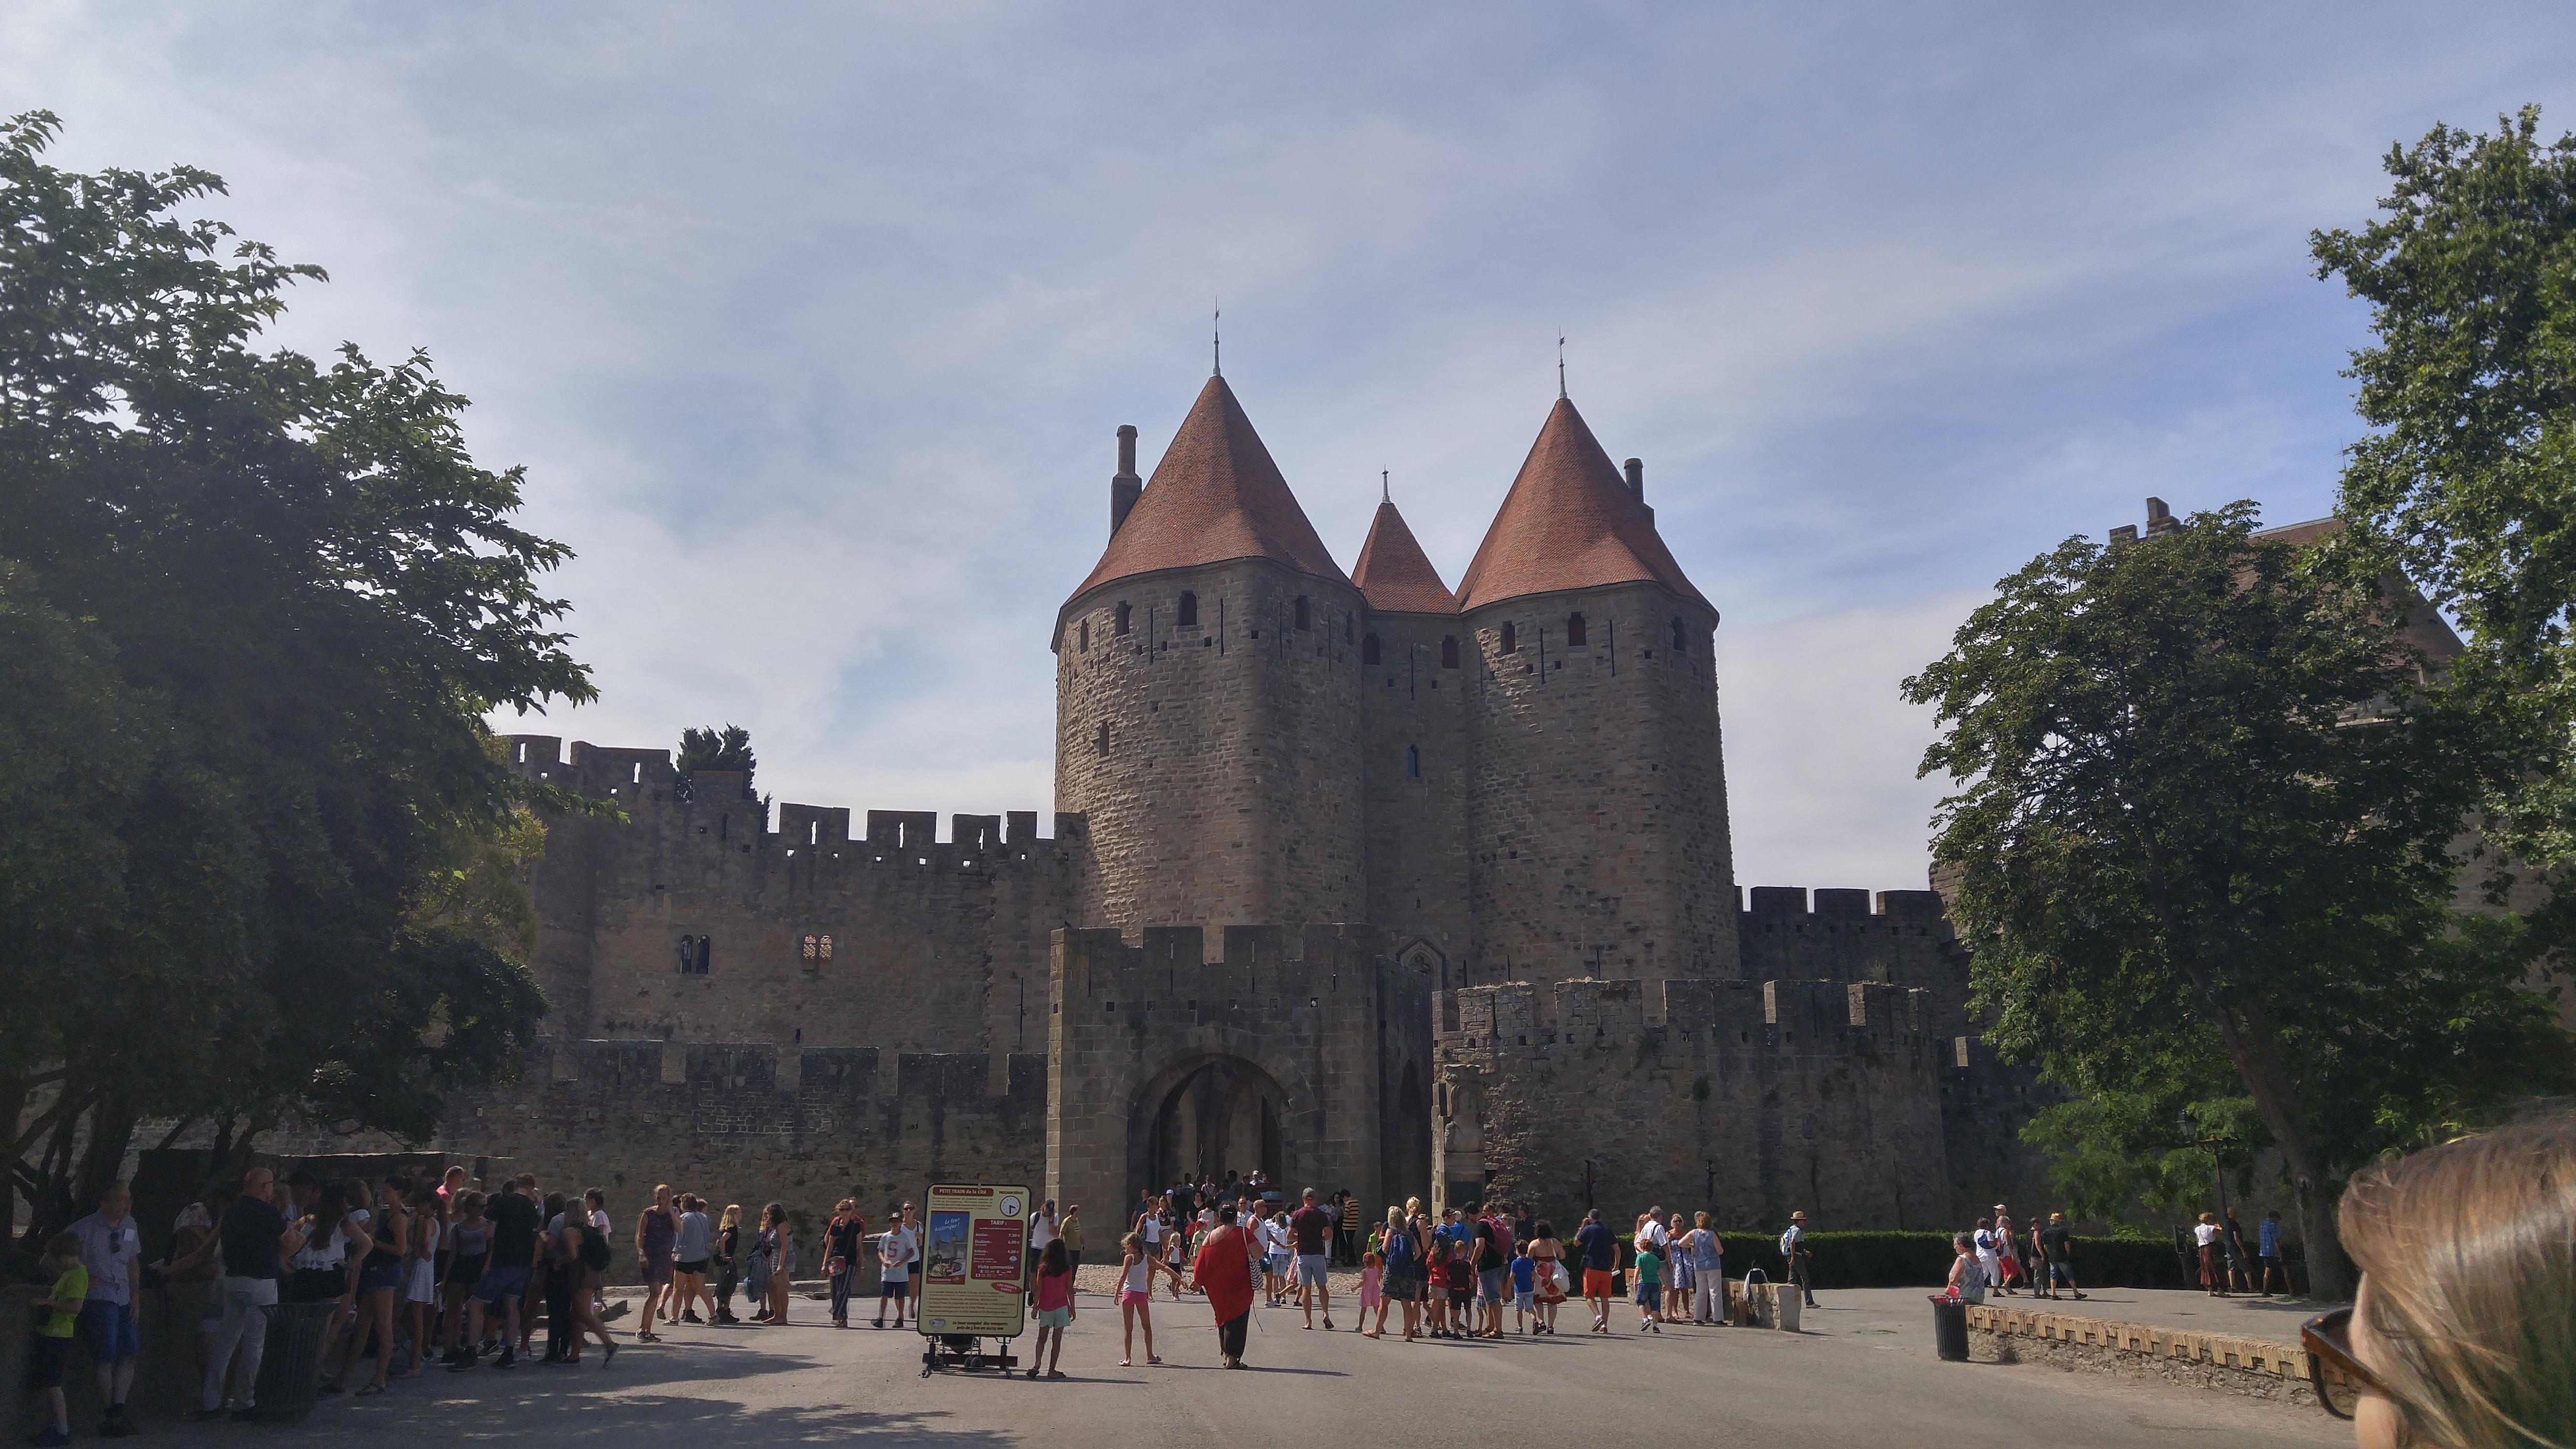 один мой выходной, поездка на дачу и обратно, город Тулуза, Франция, фото 18